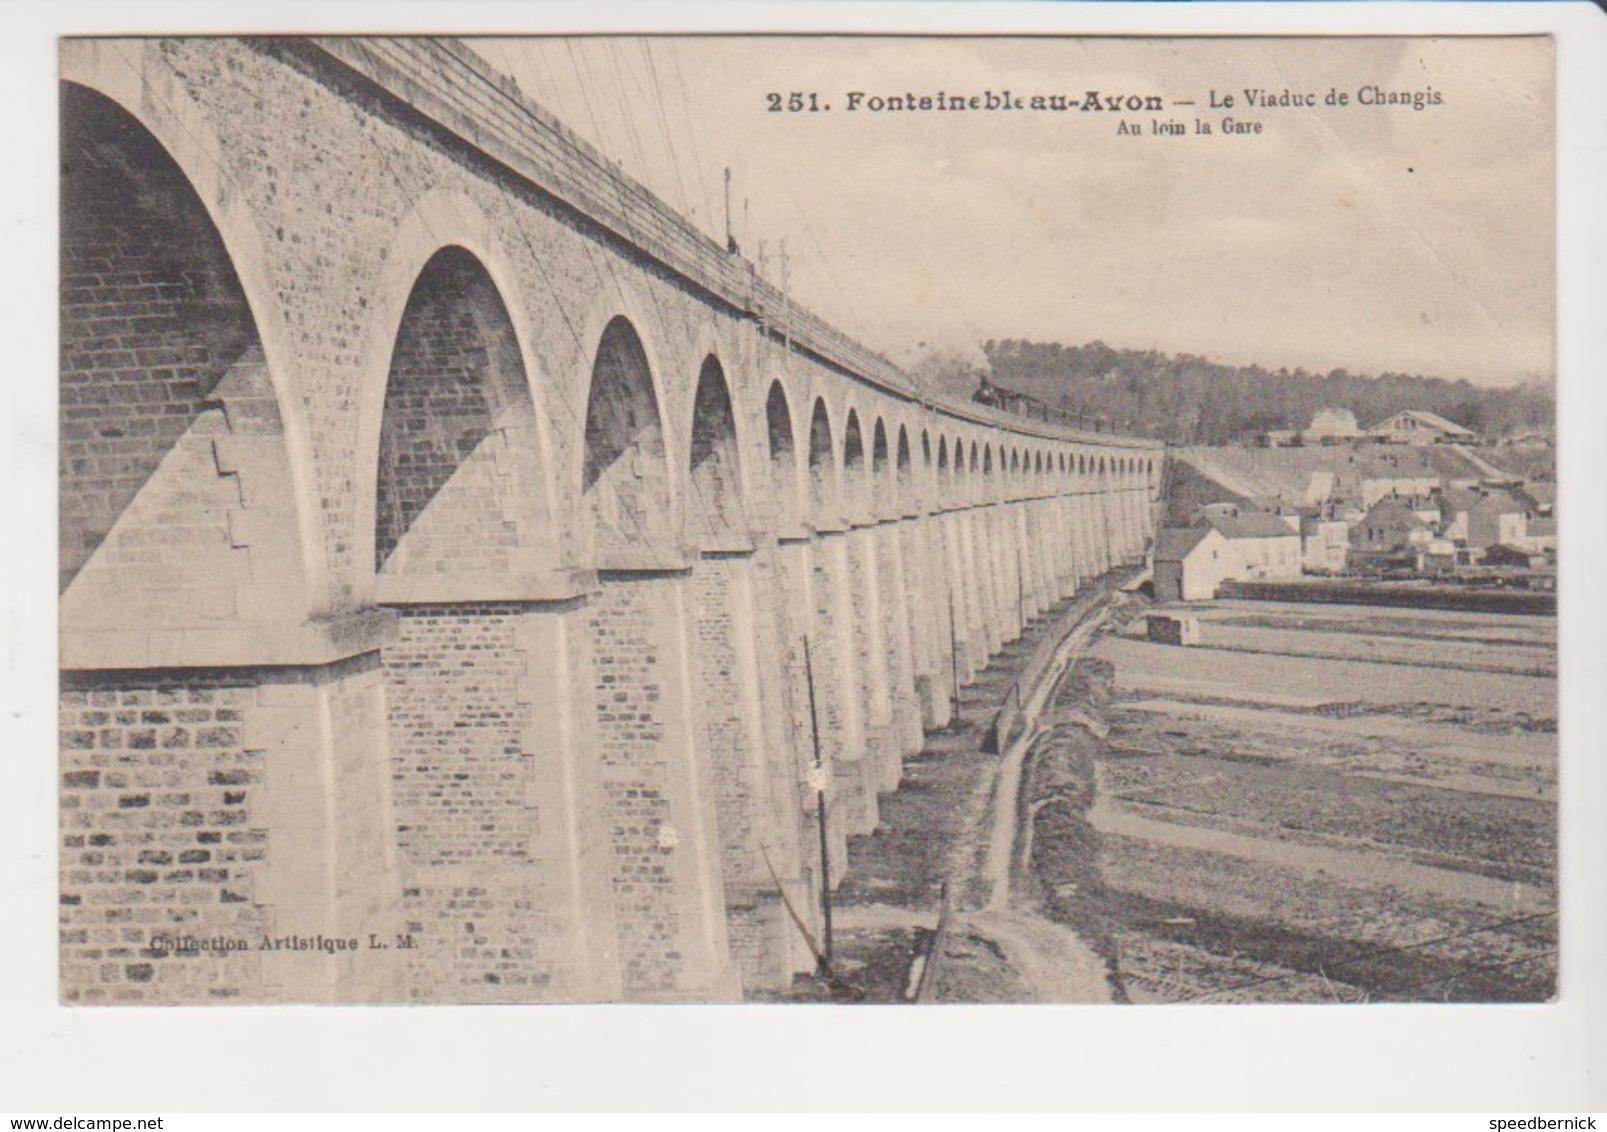 26769 Fontainebleau Sur Avon Viaduc Changis France Pont Chemins Fer -251 L.M.  Au Loin Gare -redon Hubert - Ouvrages D'Art